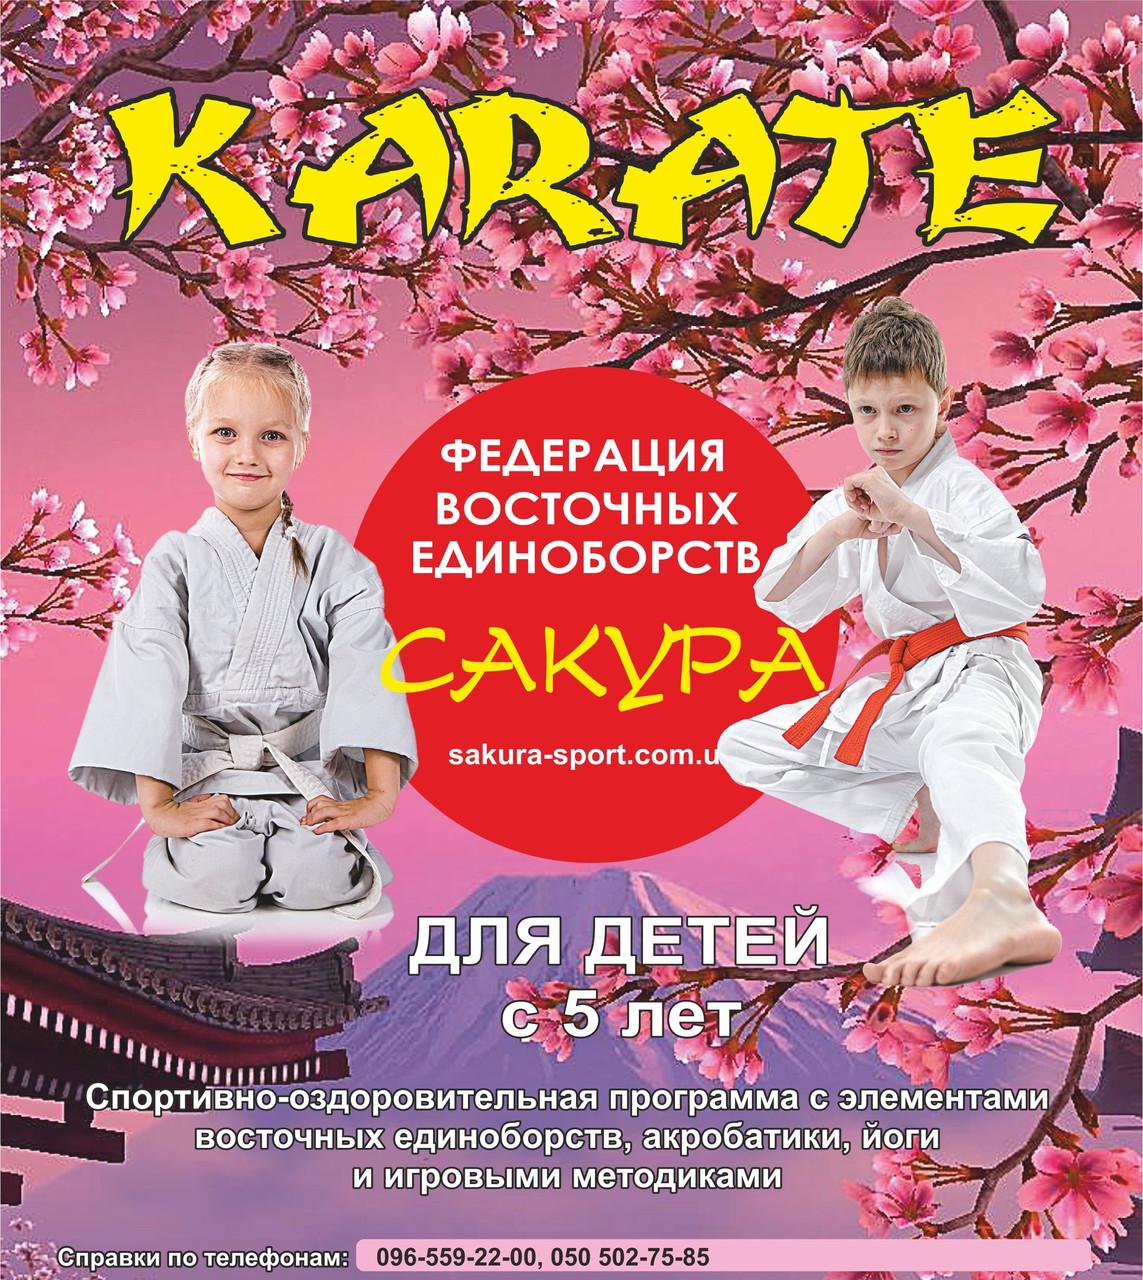 Карате для детей Днепропетровск